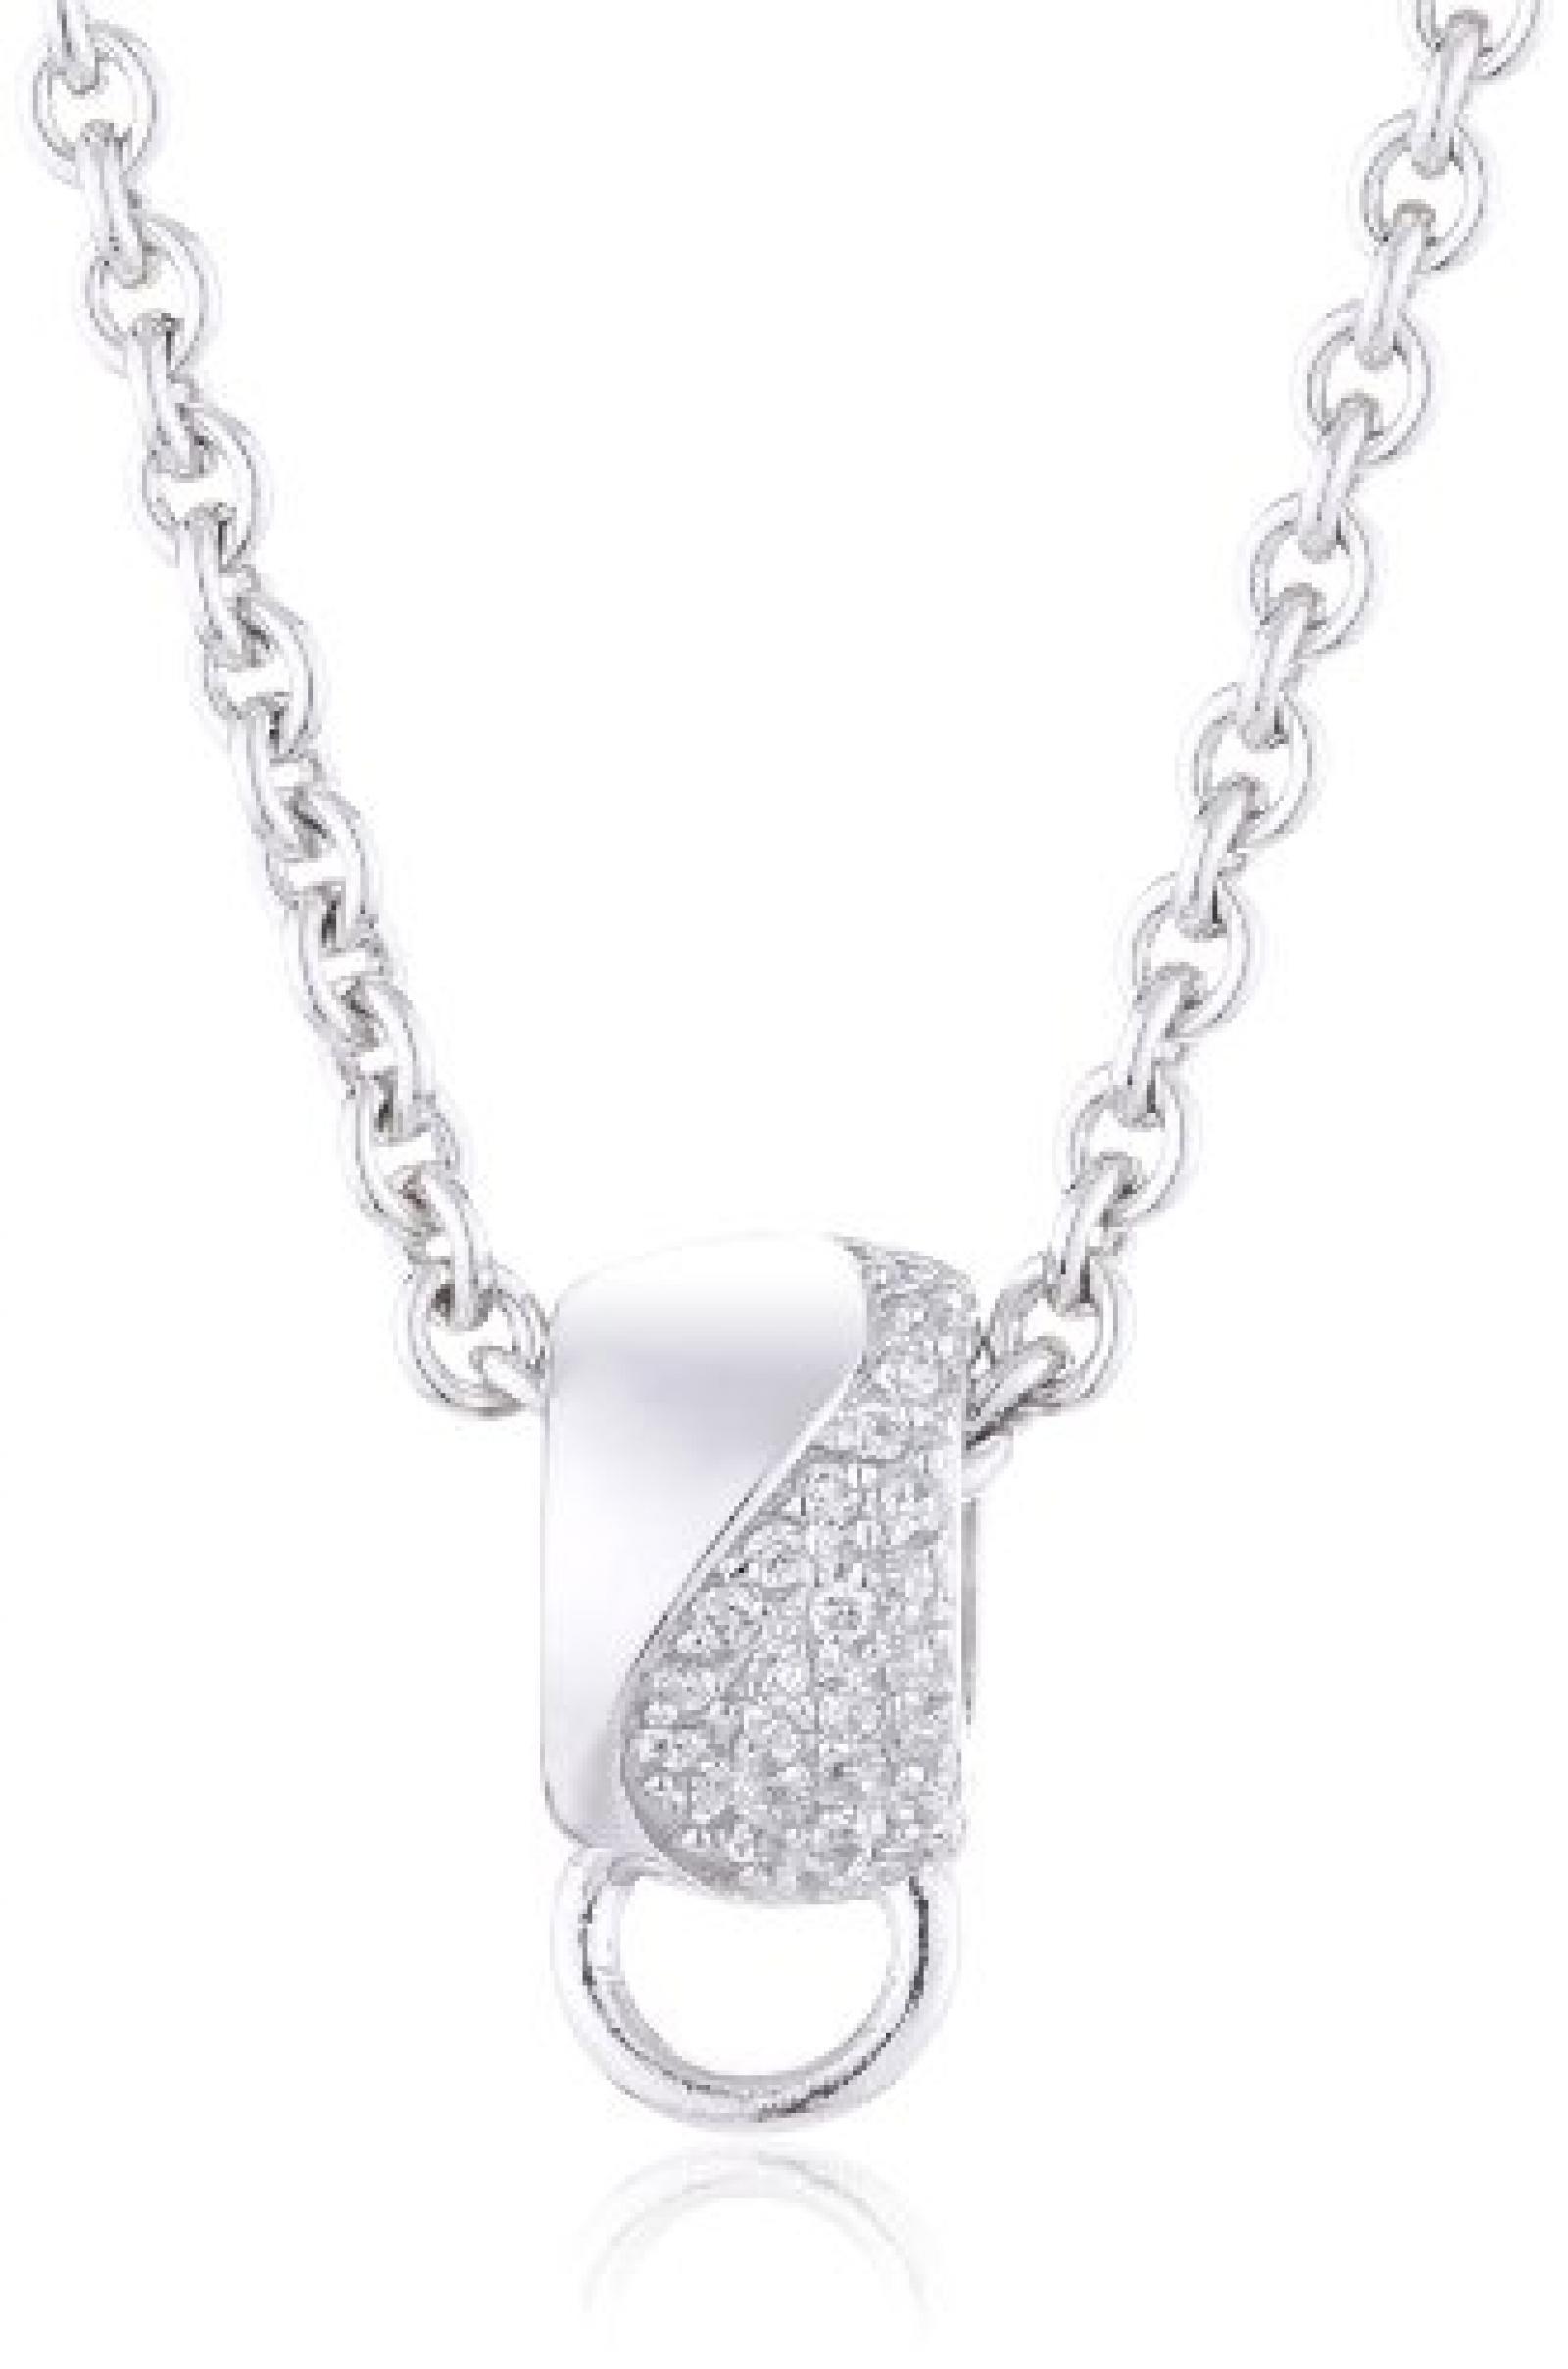 s.Oliver Jewels Damen-Halskette mit Charmträger Silber 925 SOCHB/32 420297